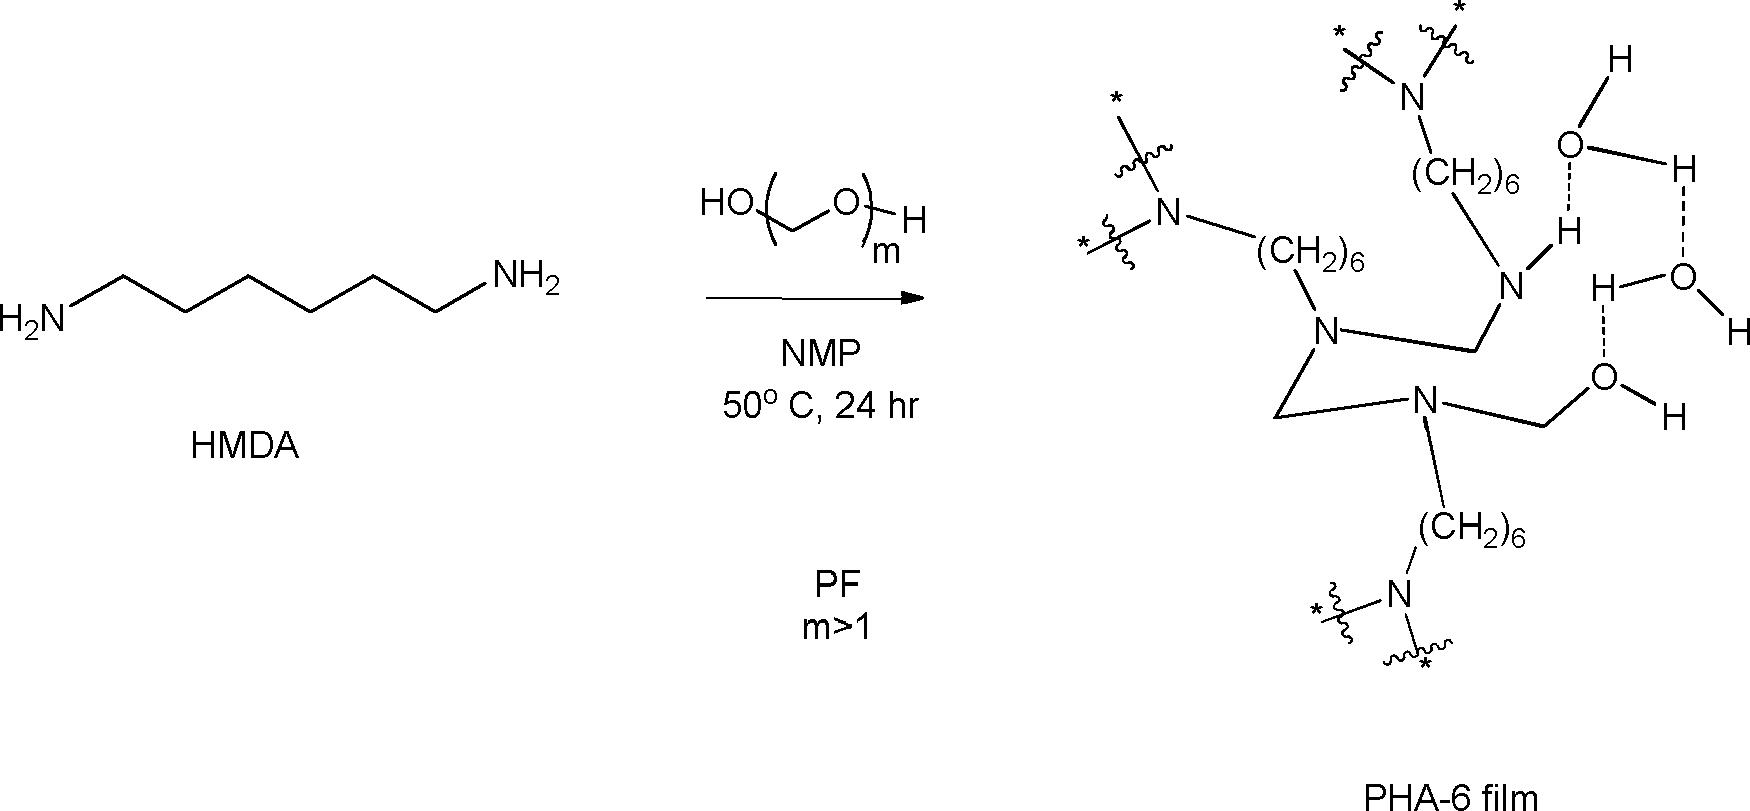 Figure DE112014004152T5_0031